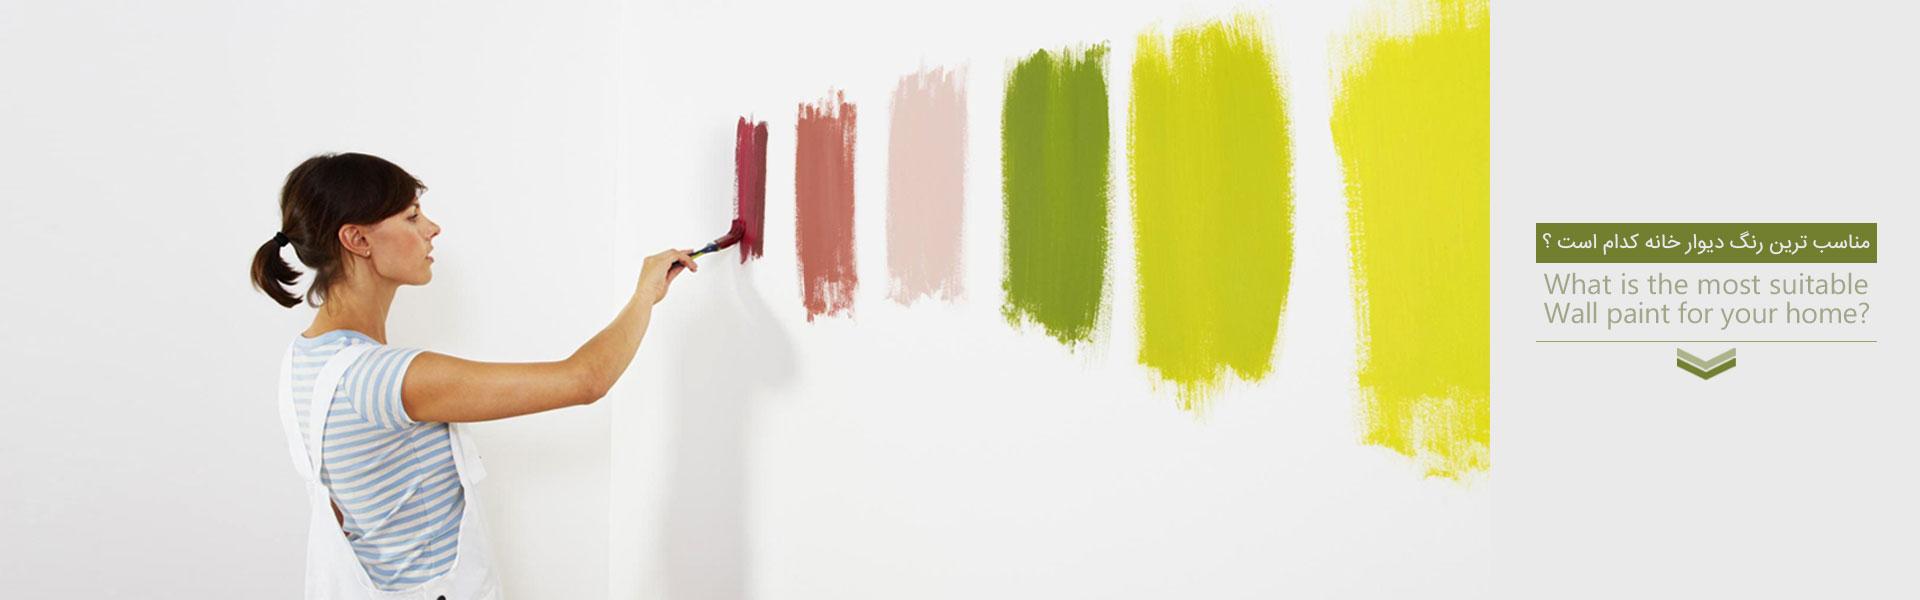 decorasion rang divar2 - مناسب ترین رنگ دیوار خانه کدام است ؟